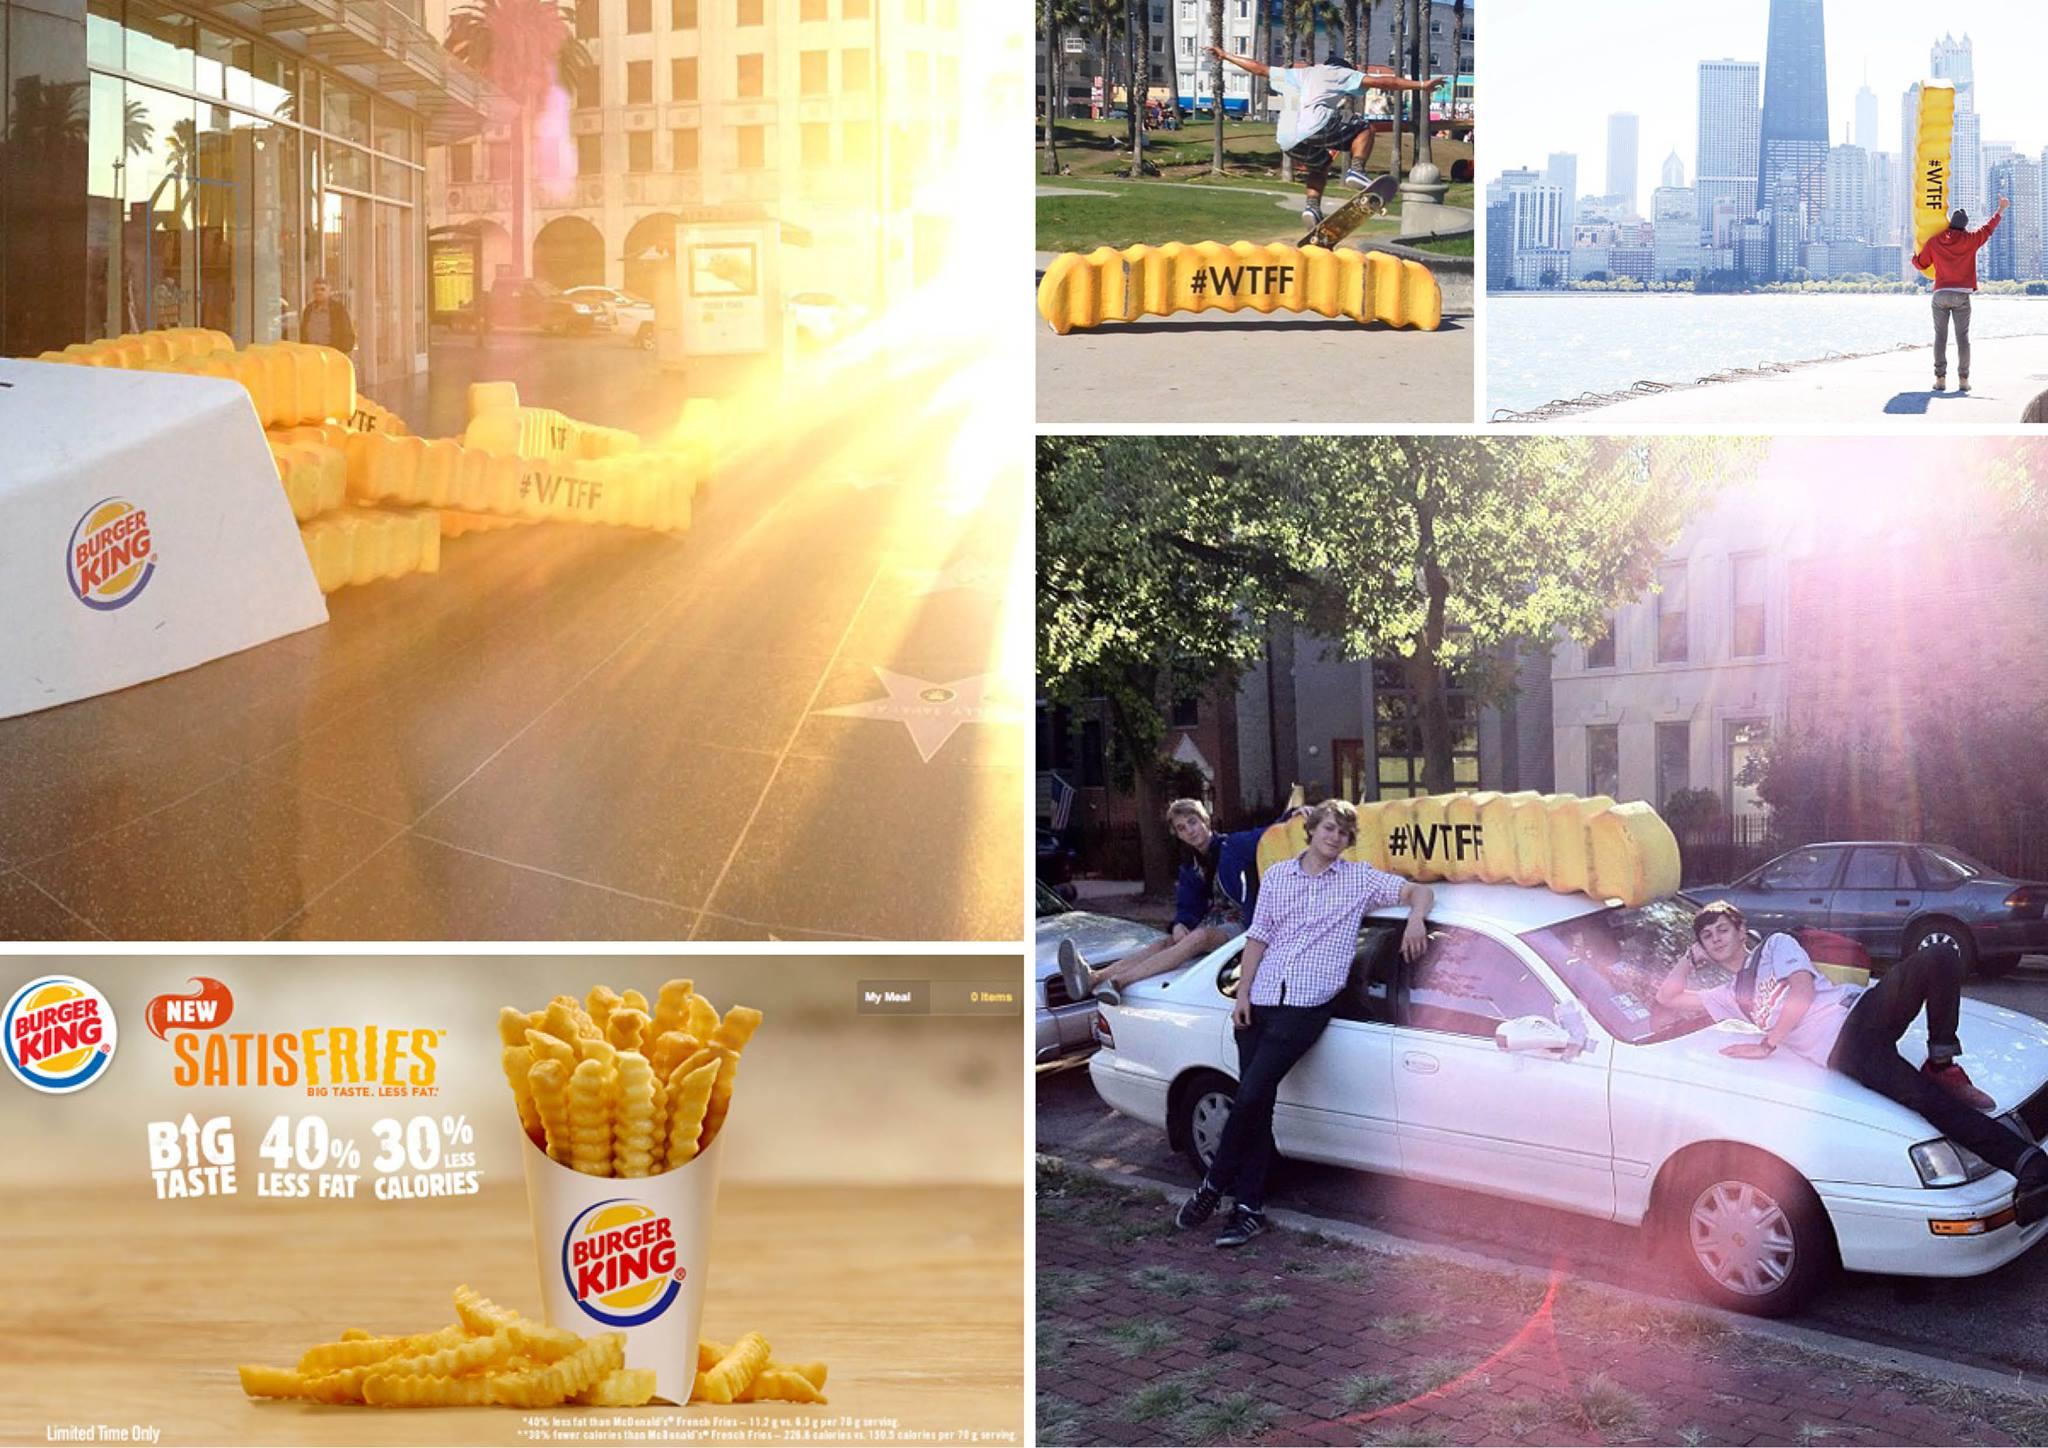 Burger king campagne satisfries